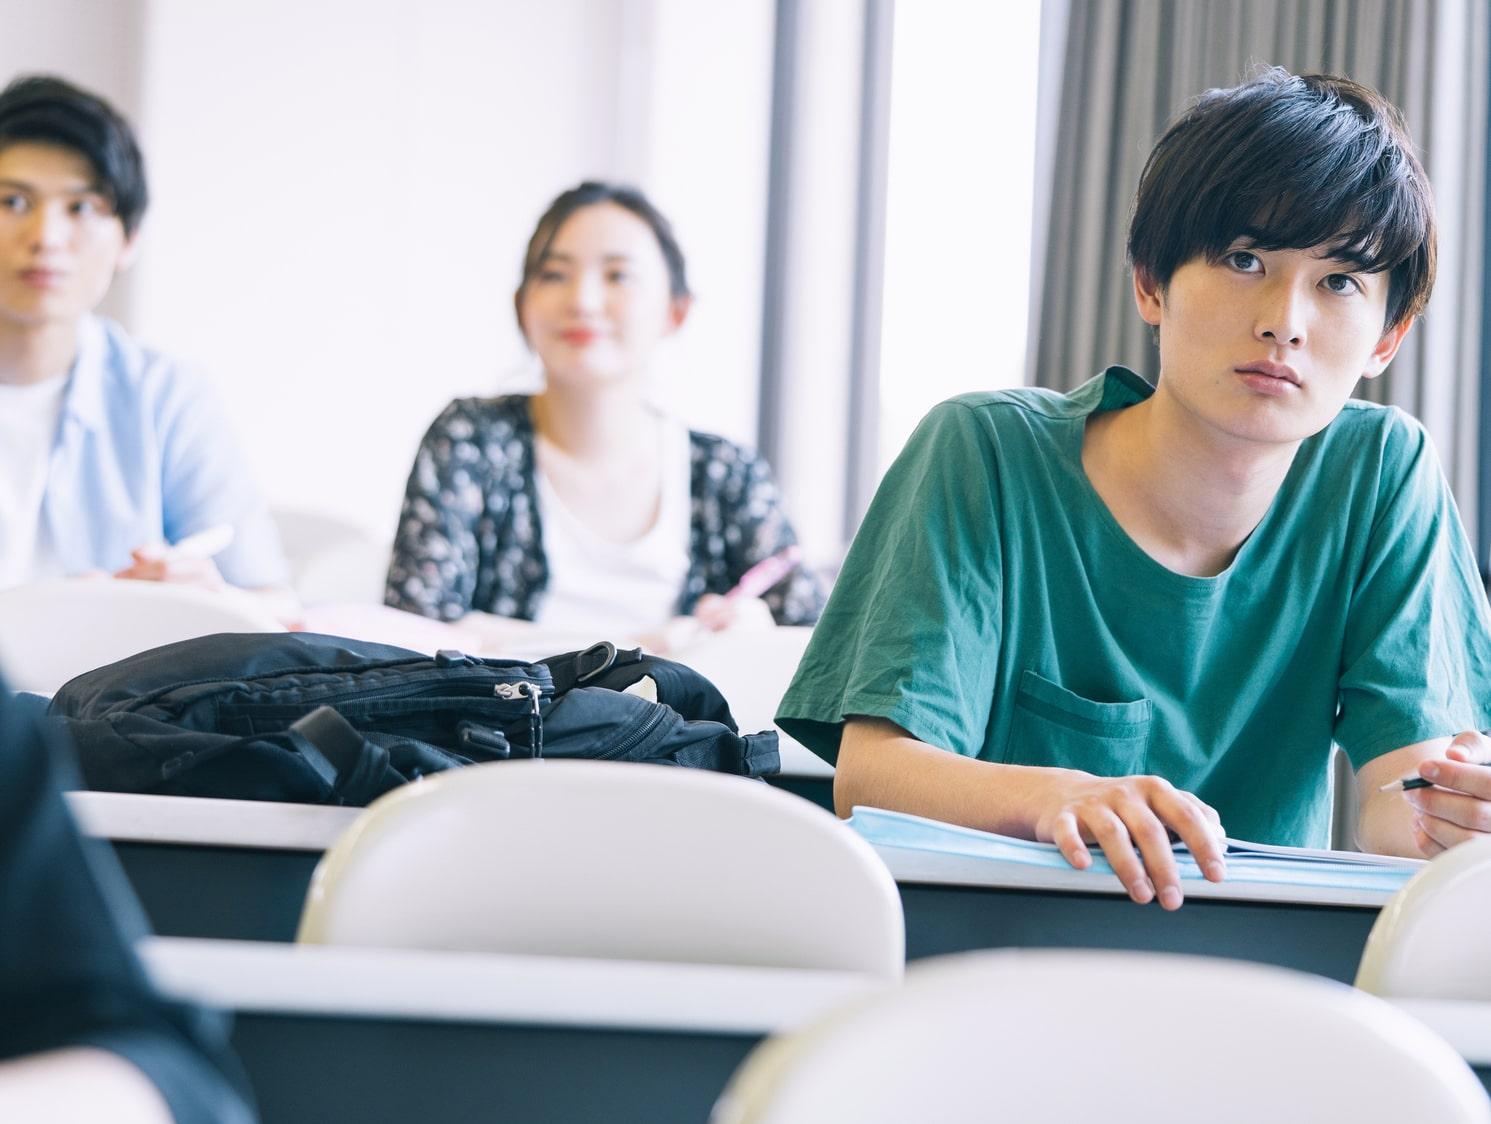 東京出身・在住、21歳の大学生